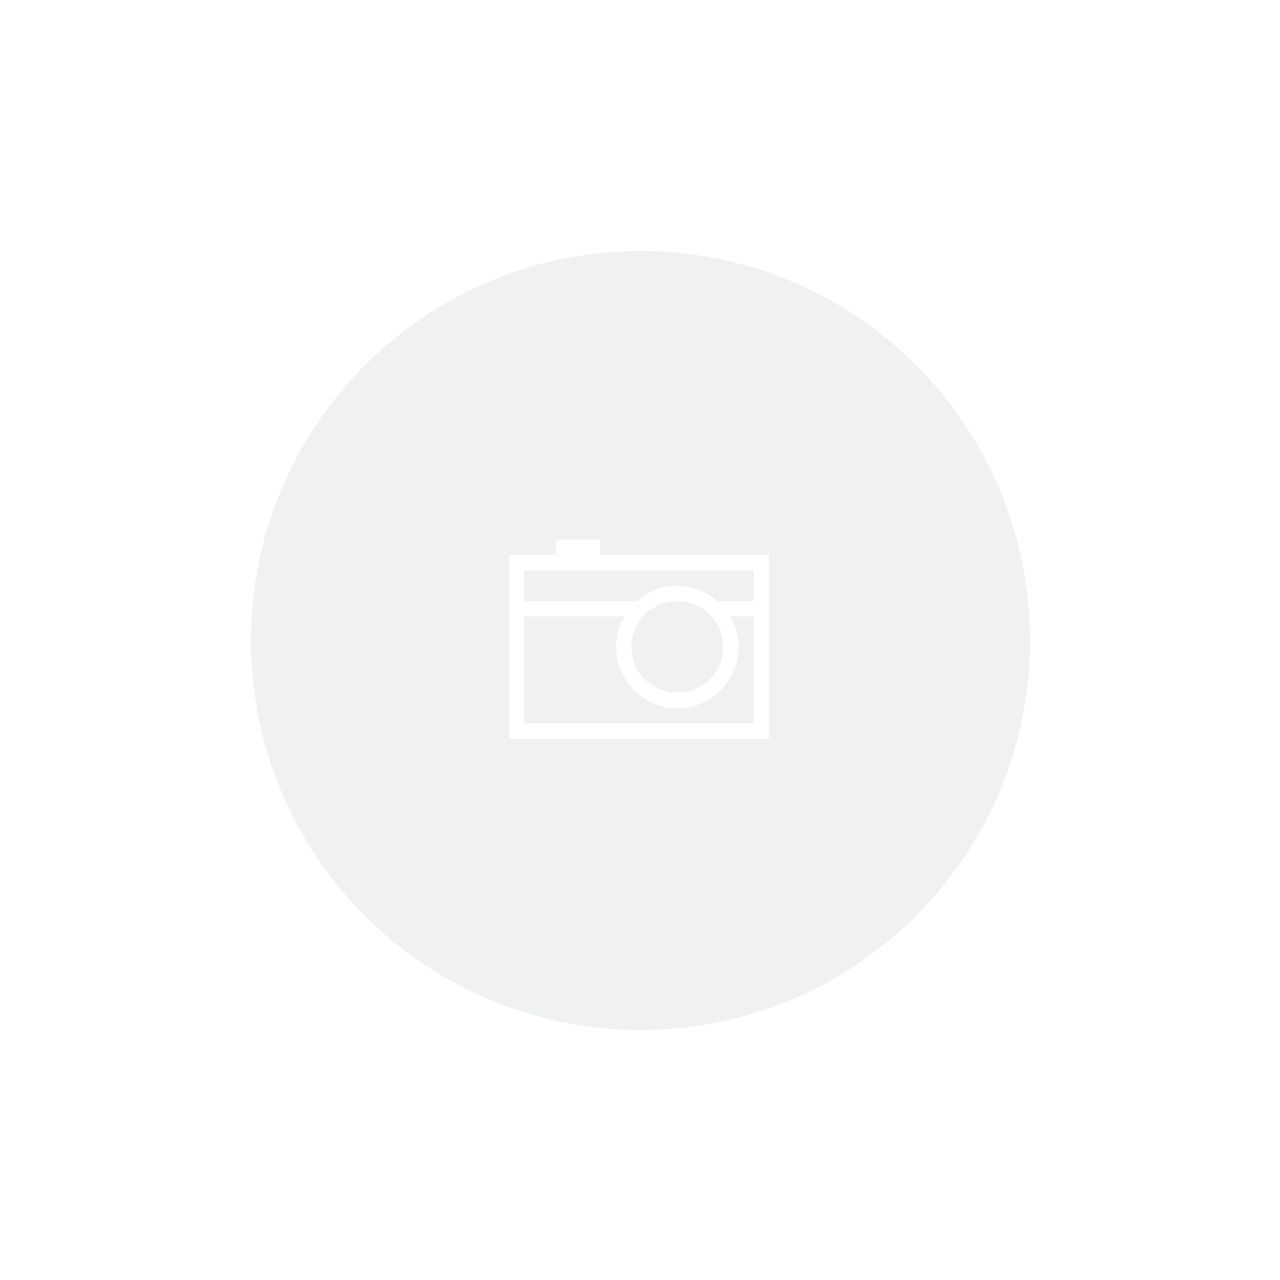 Cachepot Preto/branco 13,5x12,5cm Bencafil